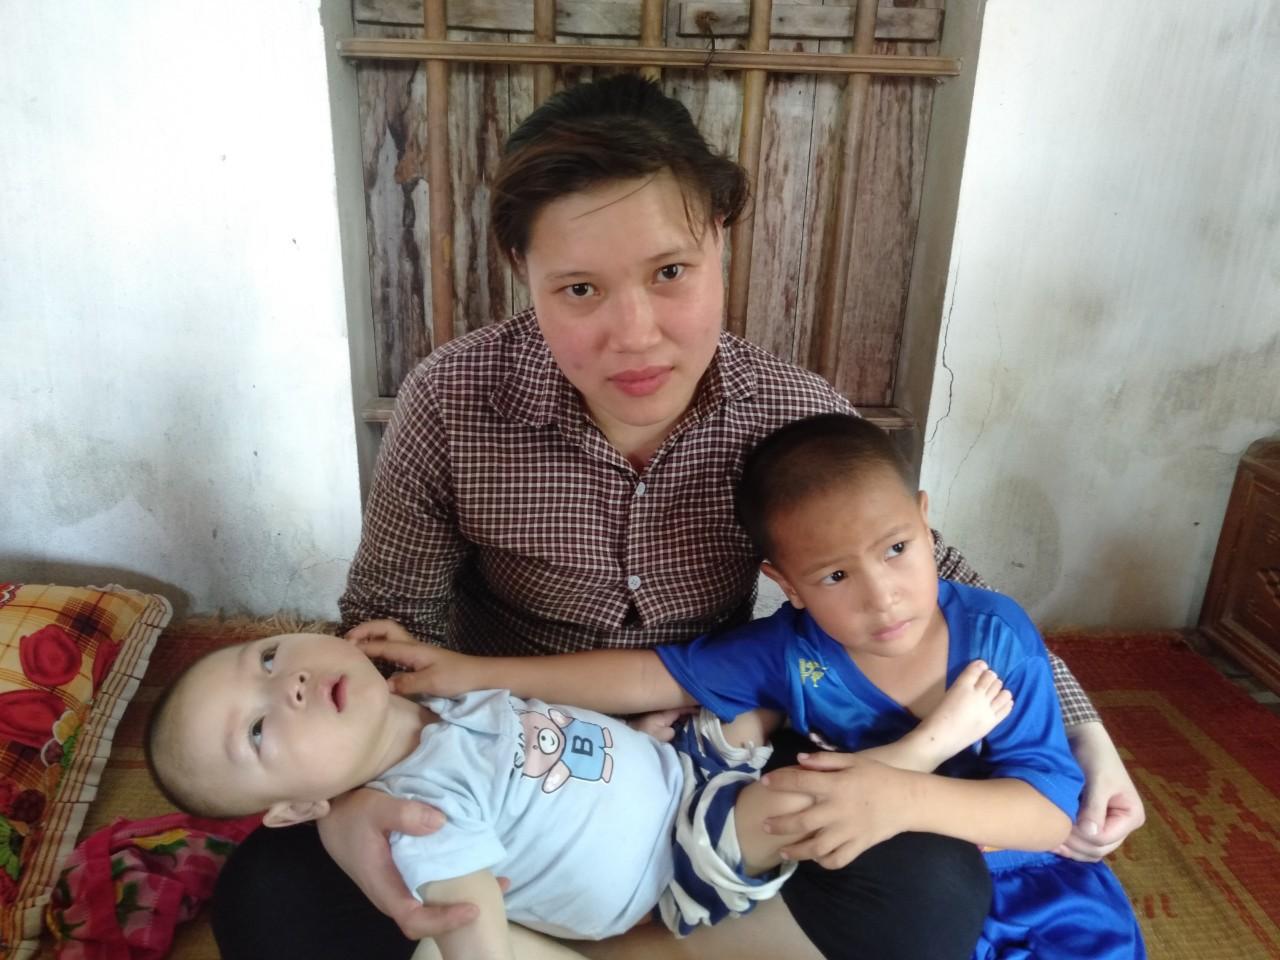 Con trai lớn 5 tuổi mắc bệnh tim, đứa bé 1 tuổi liệt tứ chi, người mẹ nuốt nước mắt cầu xin một cơ hội để cứu con-9